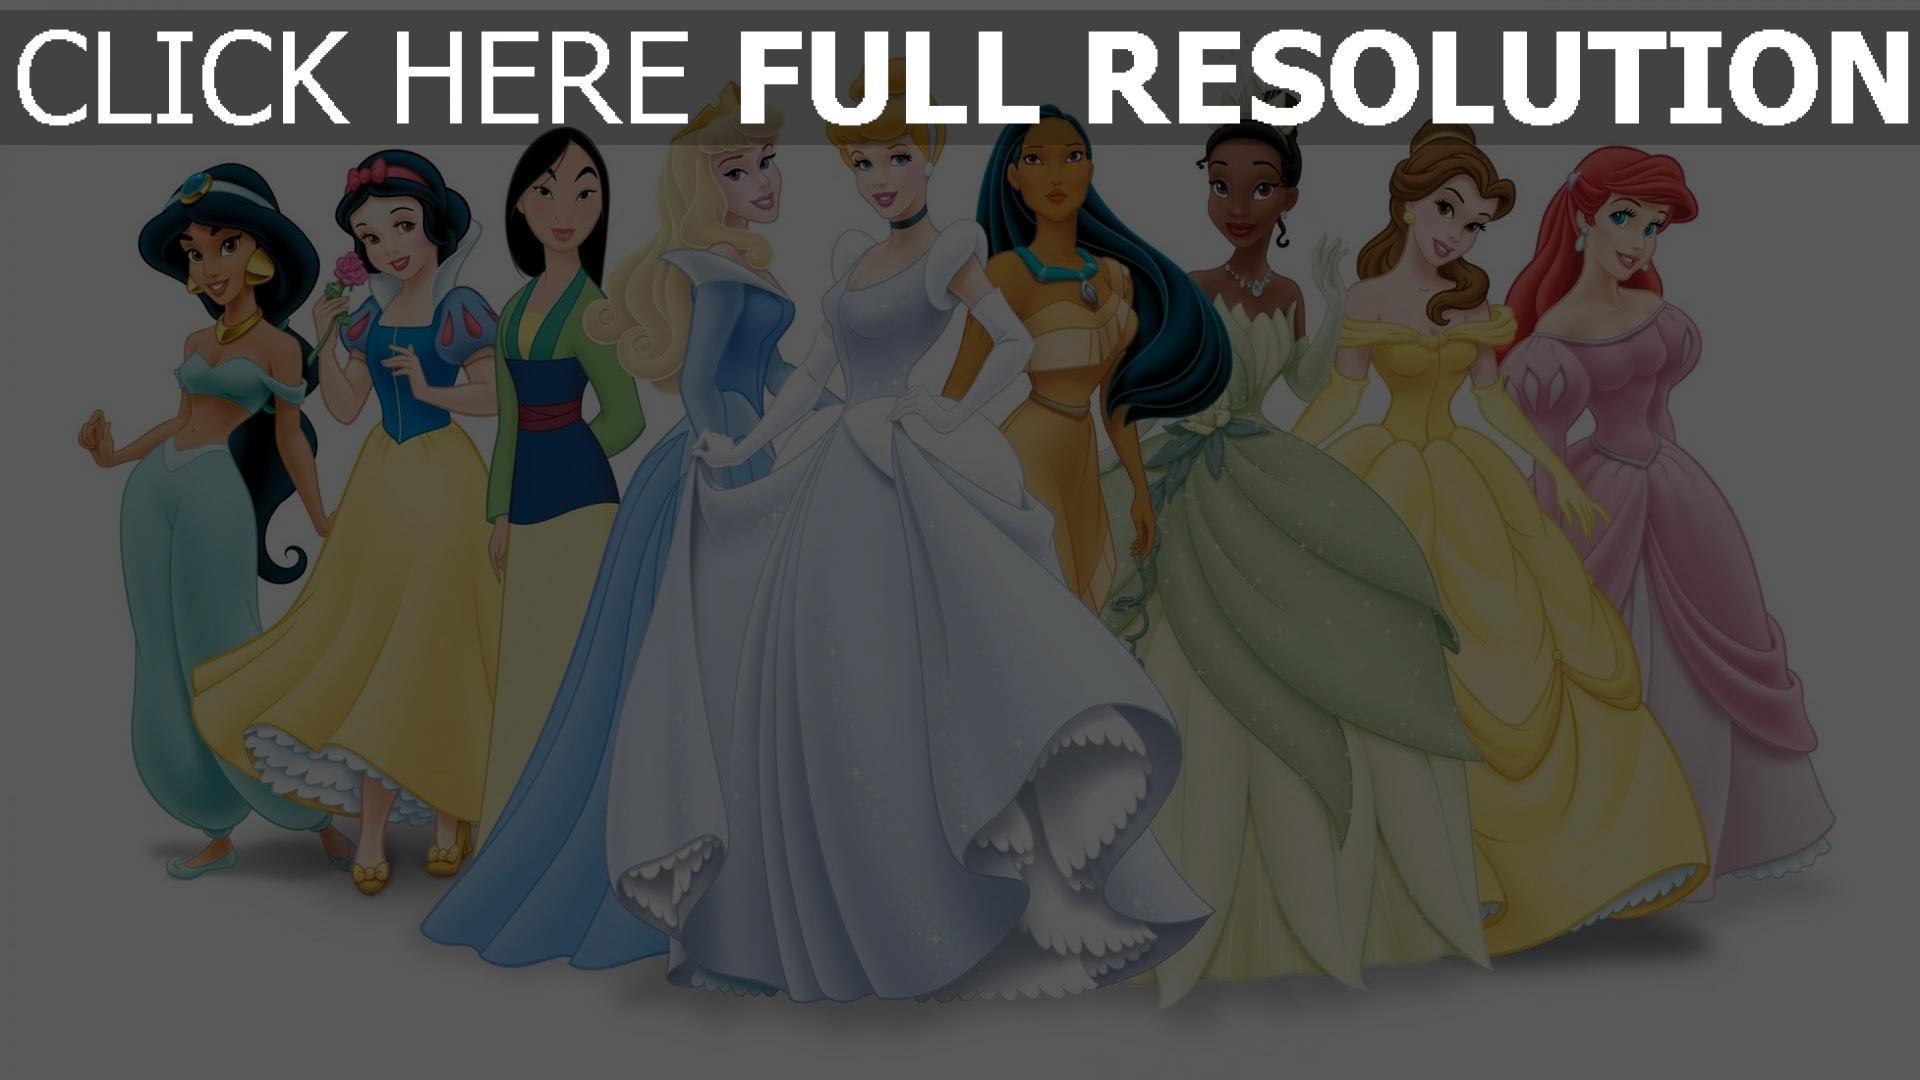 Disney Prinzessinnen Spiele Online Kostenlos